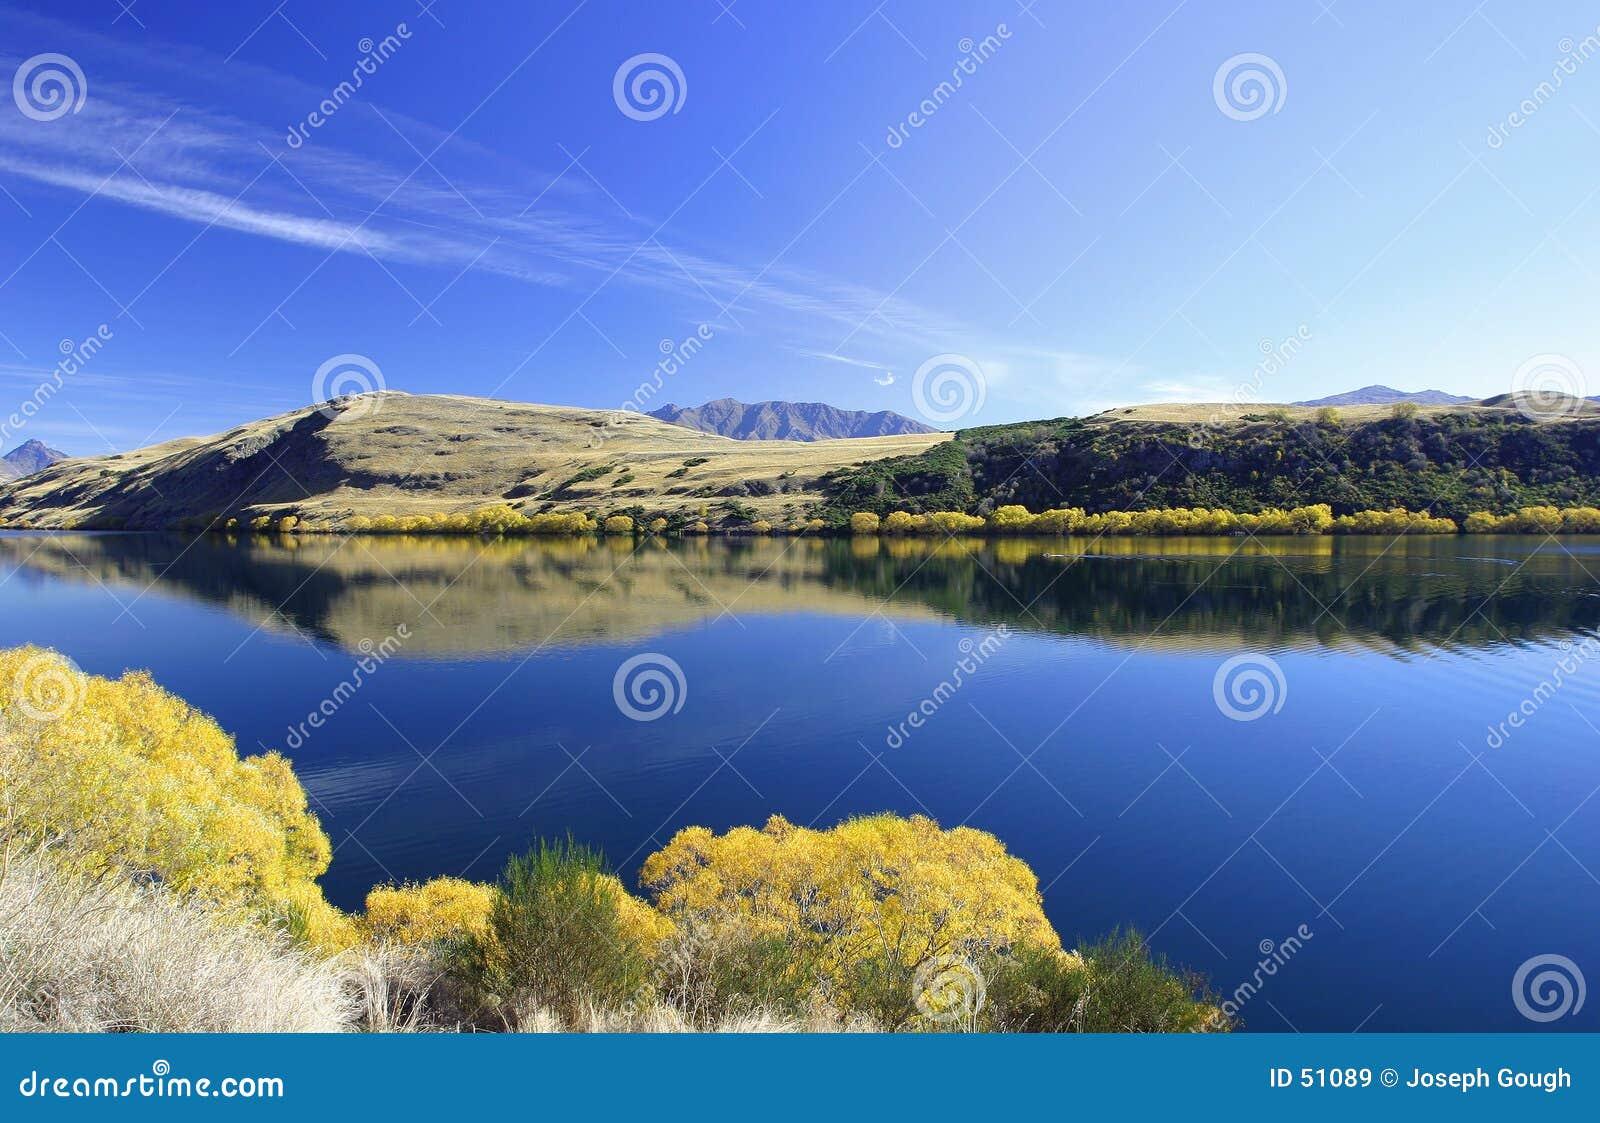 Hayes lake New Zealand